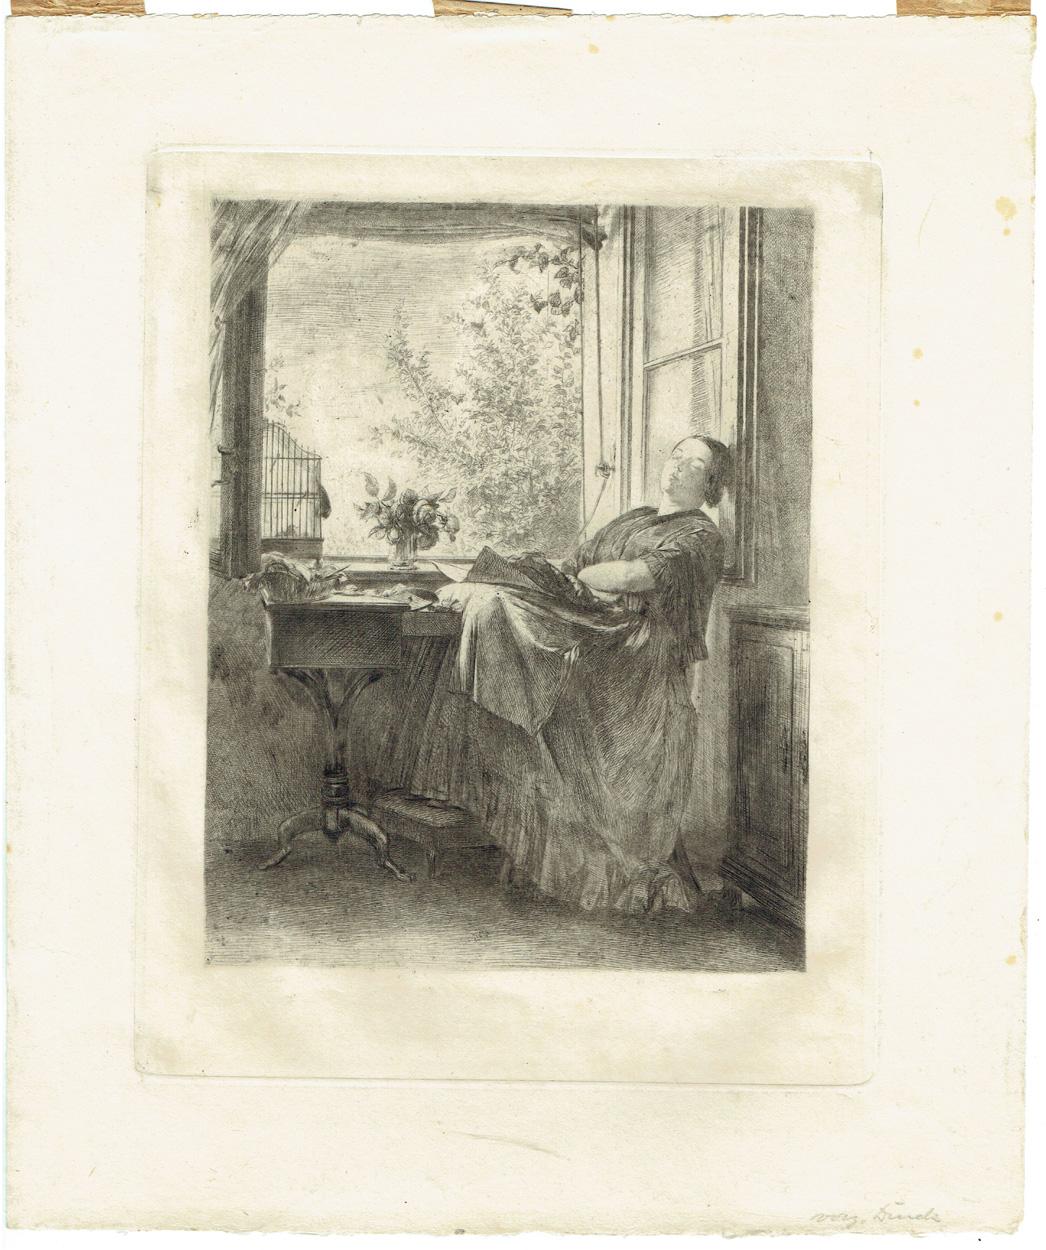 Adolph von Menzel, Die schlafende Näherin